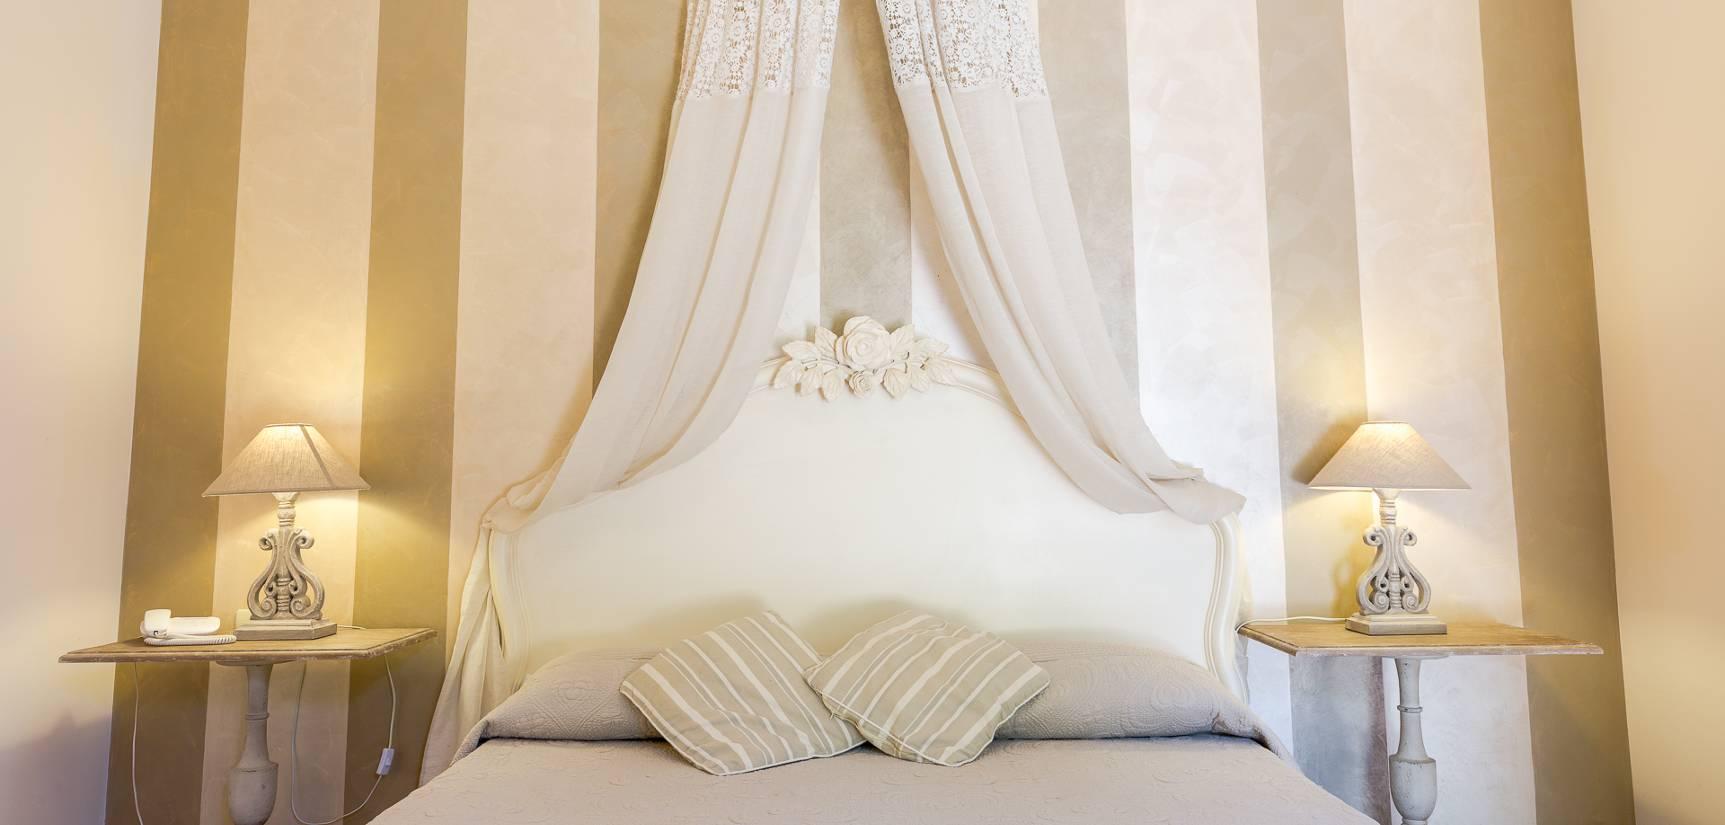 Camere suites villa calandrino boutique hotel a sciacca for Arte arredi sciacca